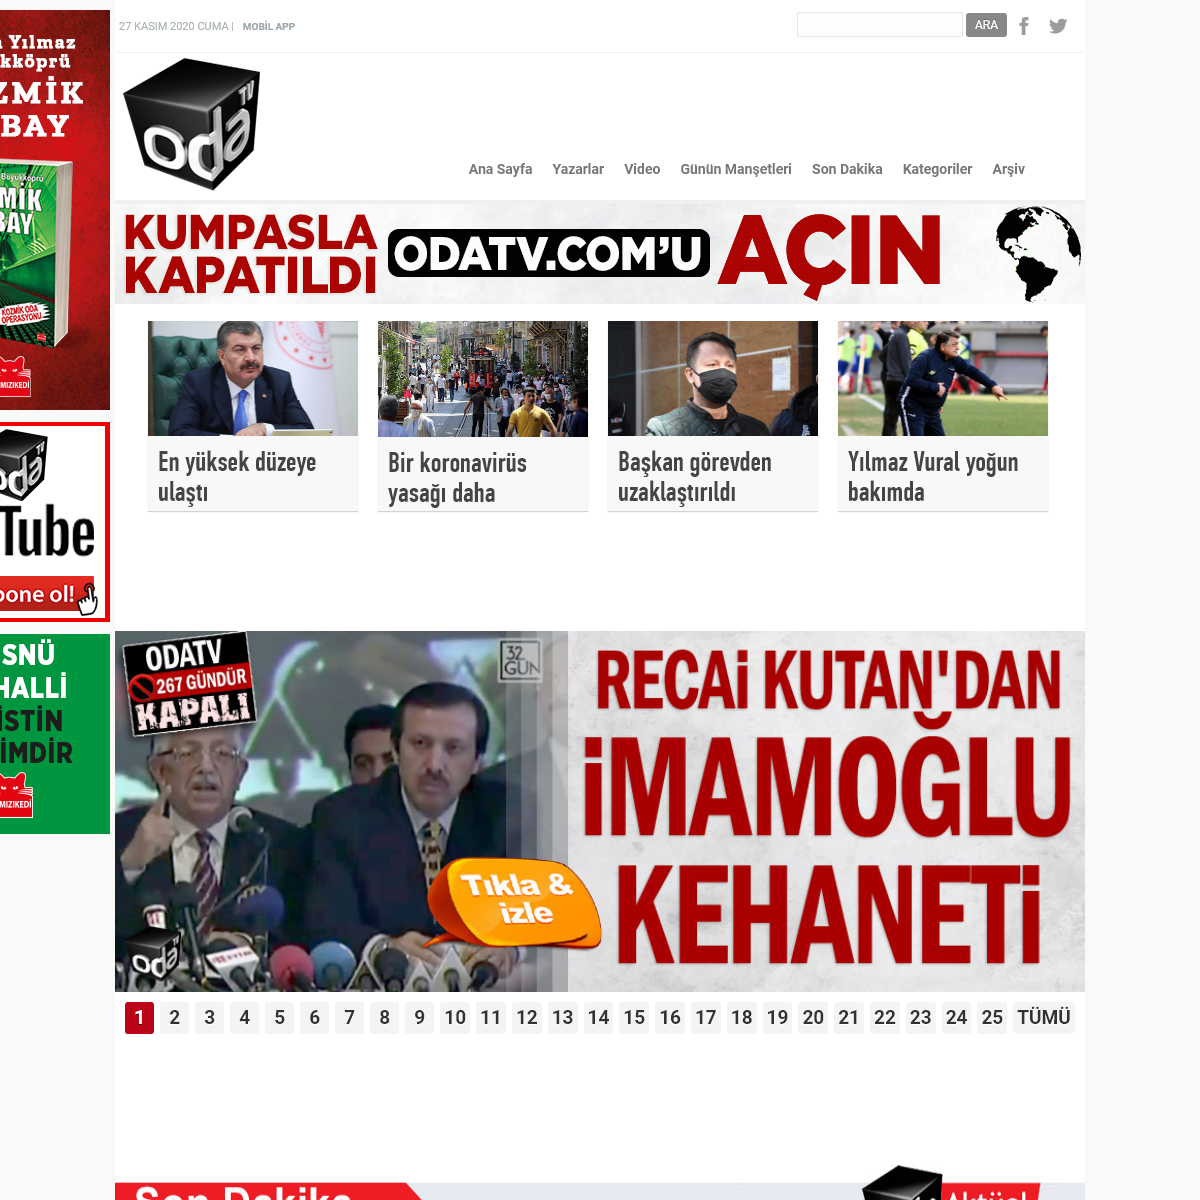 Haber Sitesi ODATV son dakika haberler gazete manşet